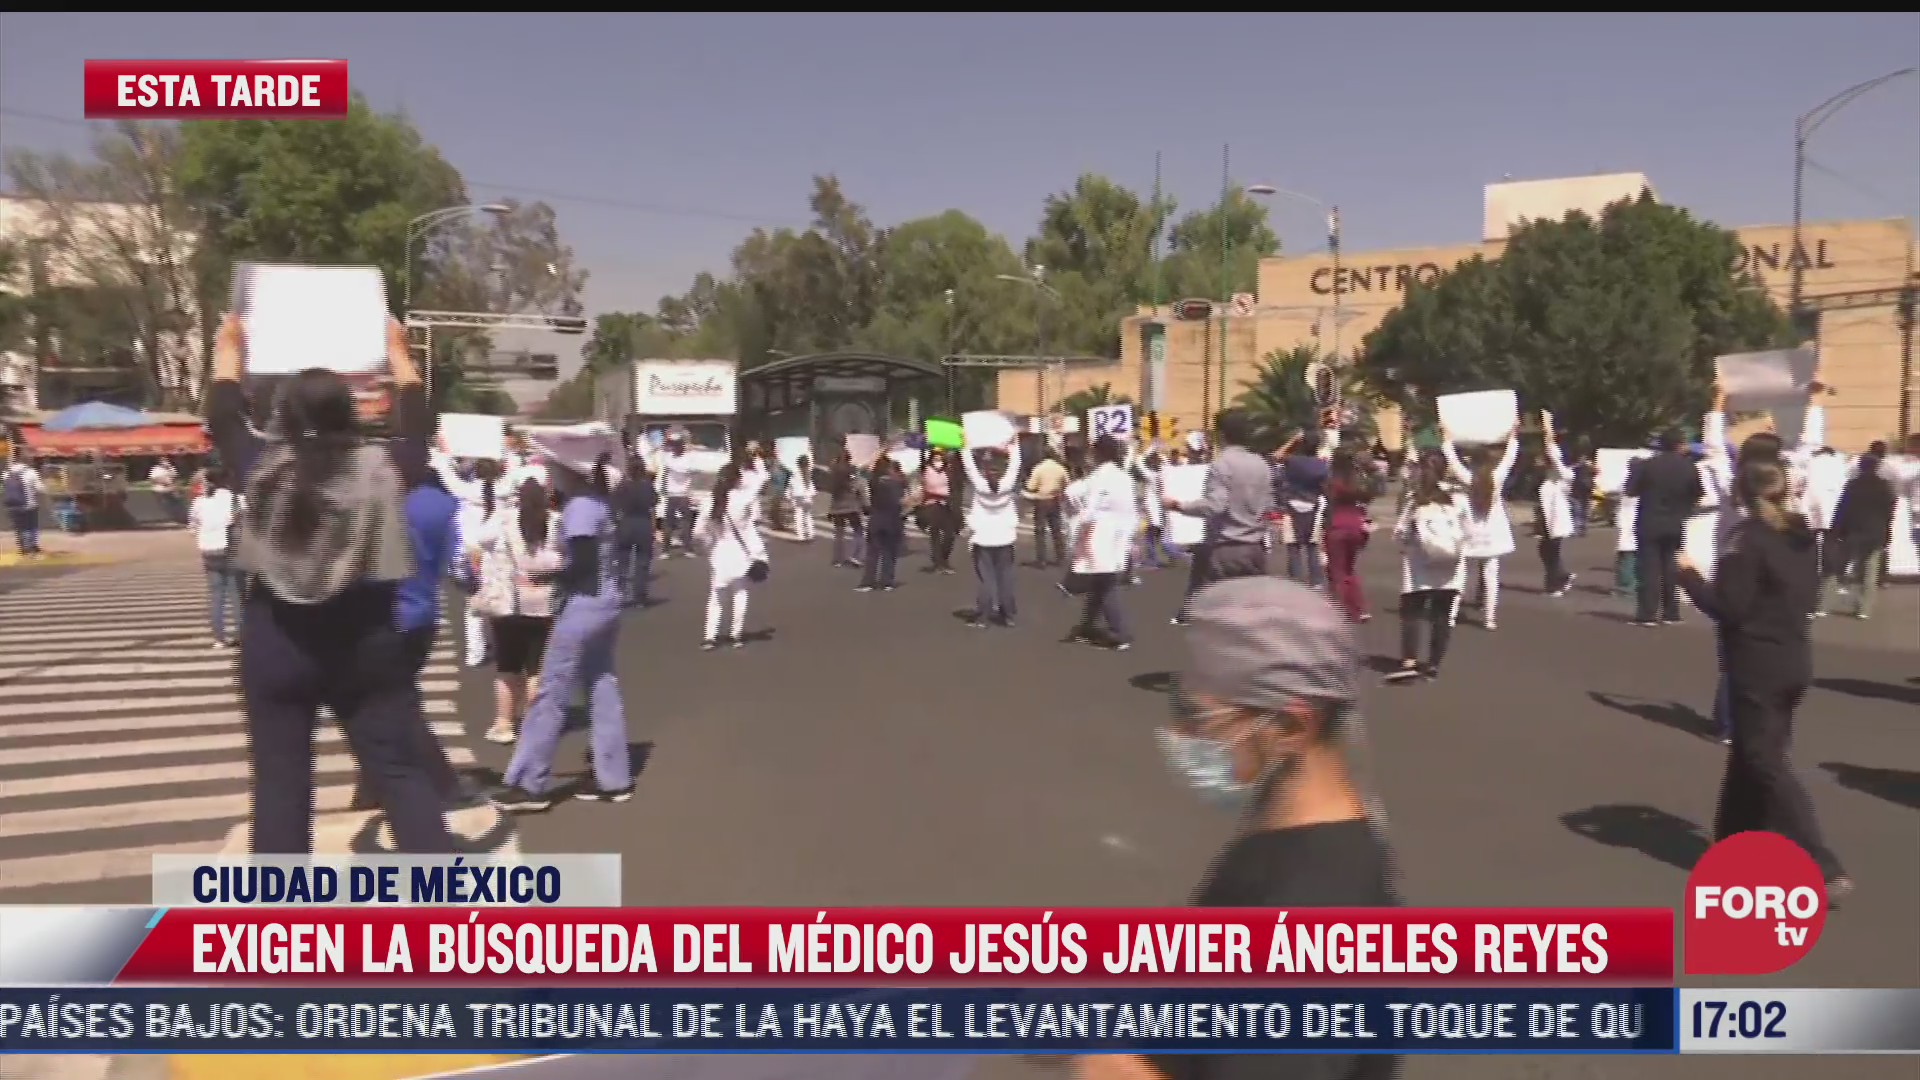 medicos exigen la busqueda del doctor jesus javier angeles